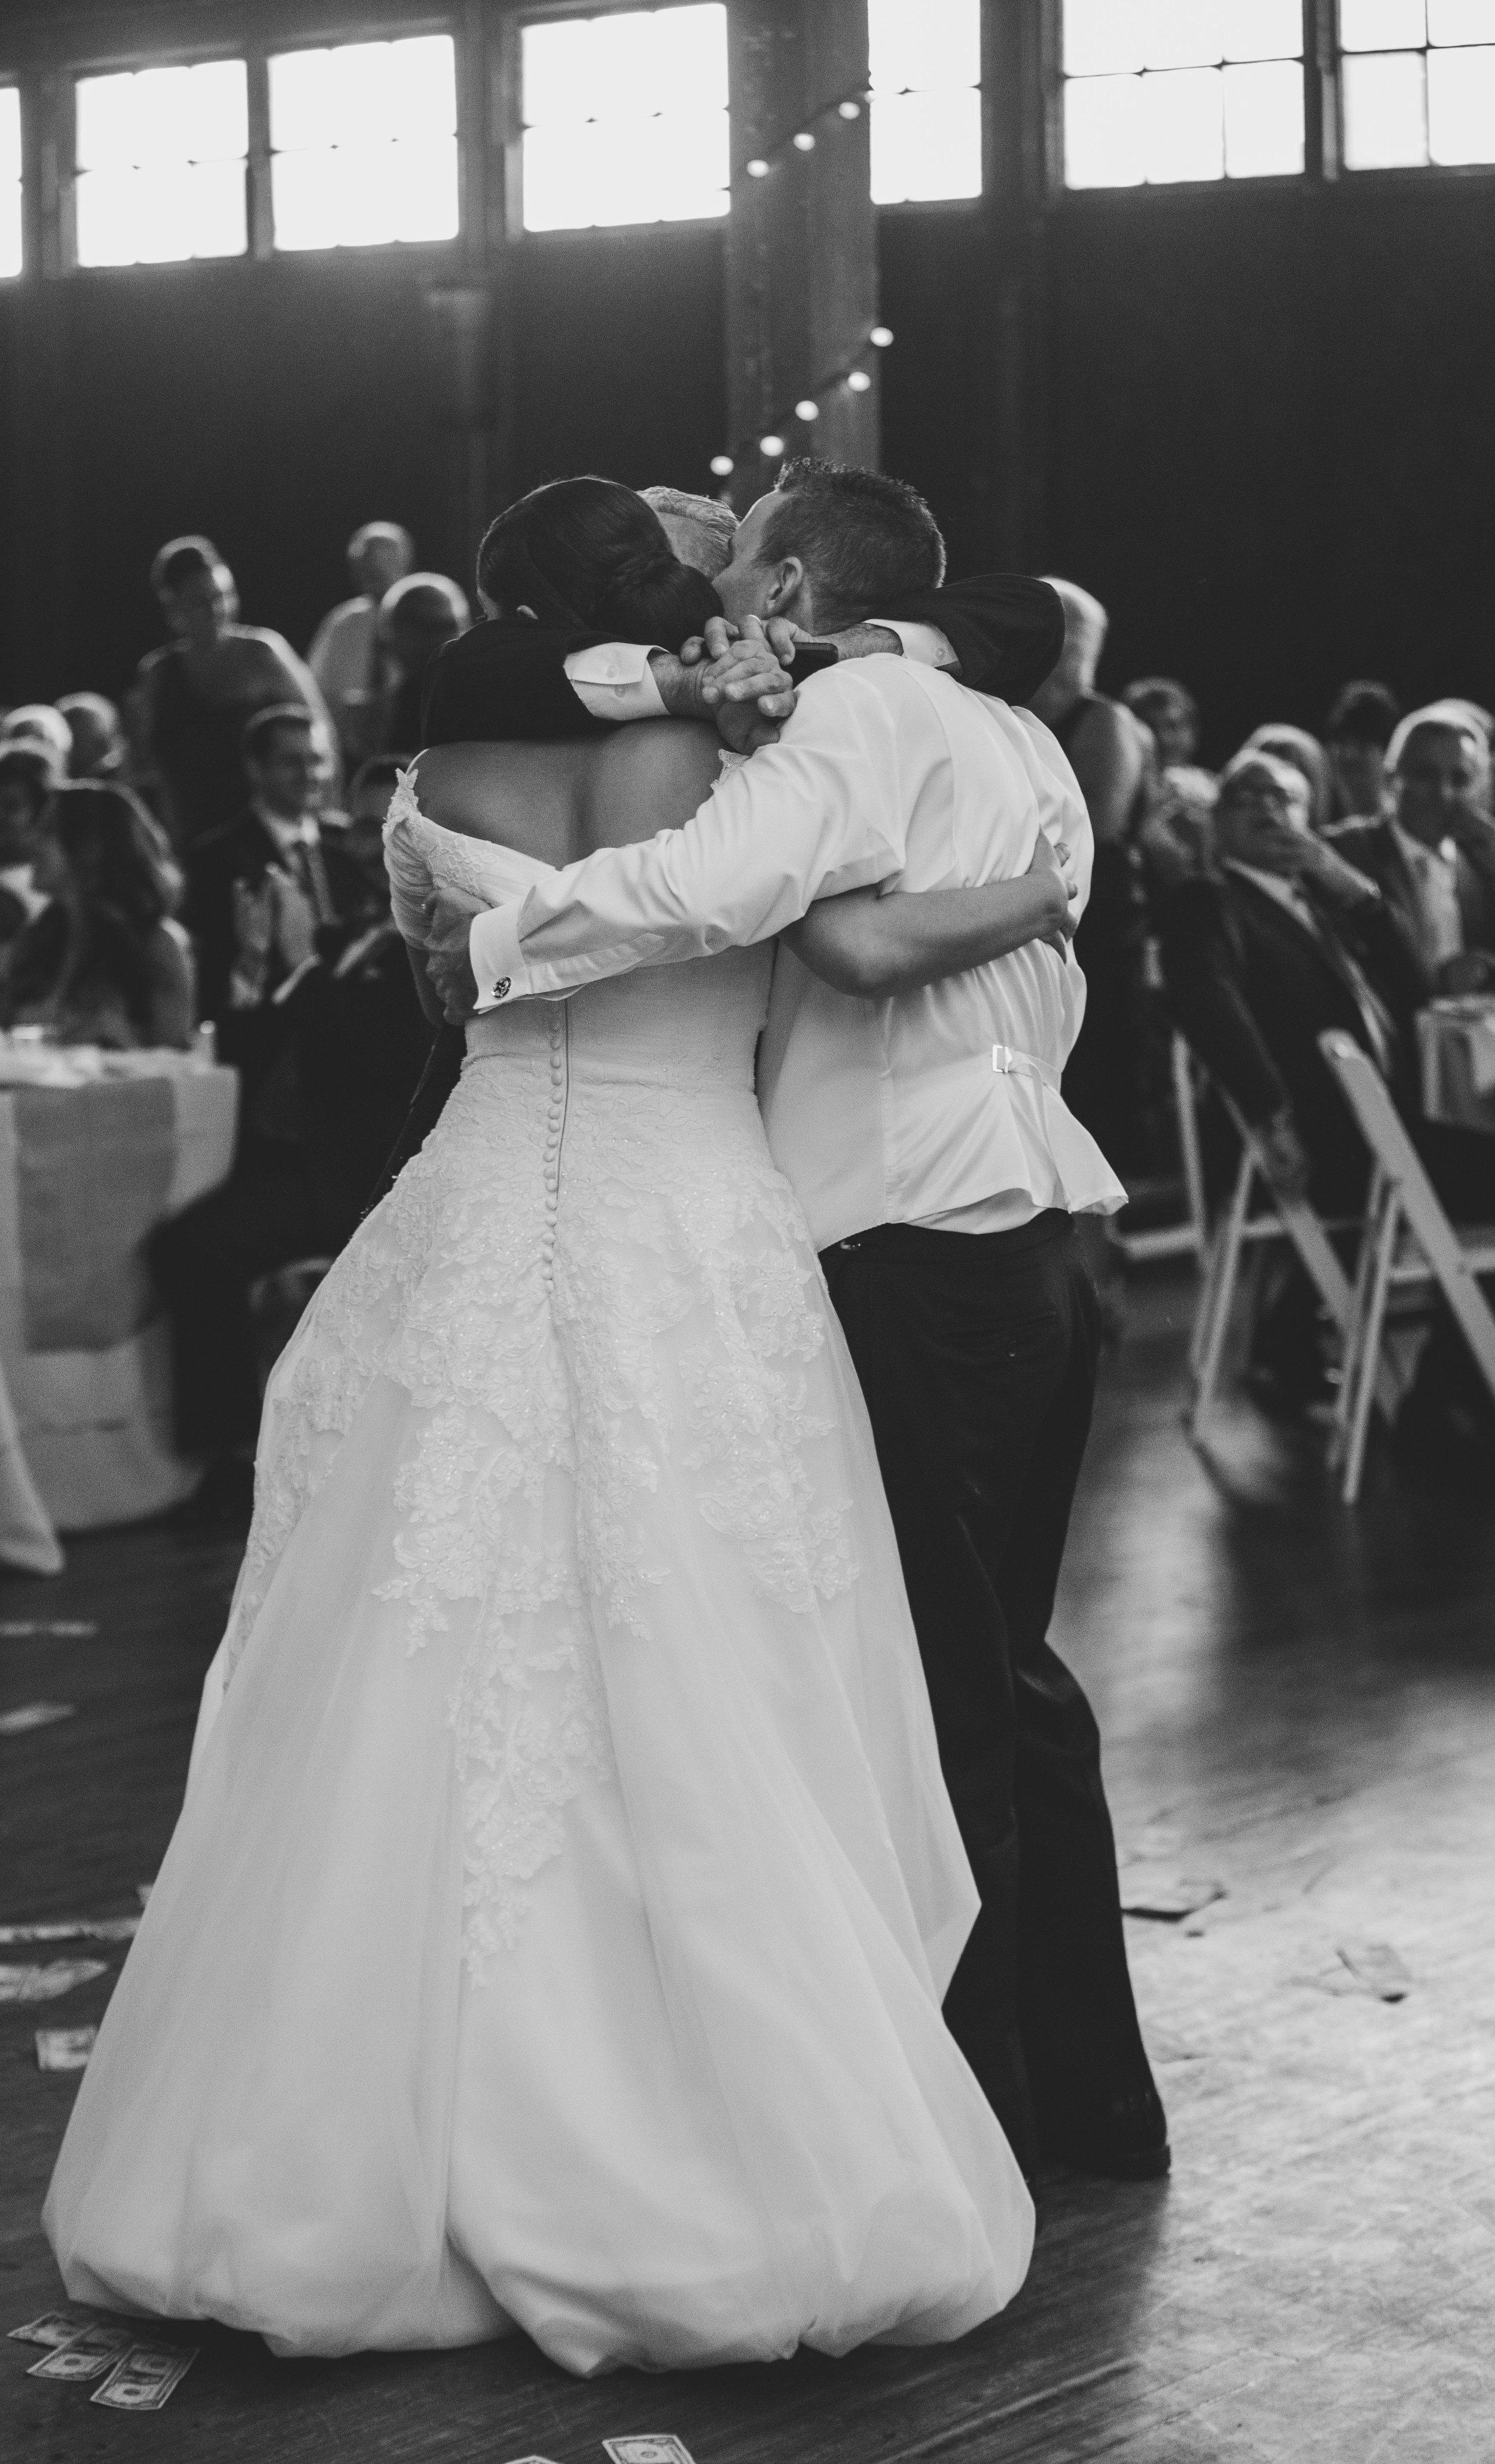 ATGI_Magali & Josh Wedding1__239.jpg